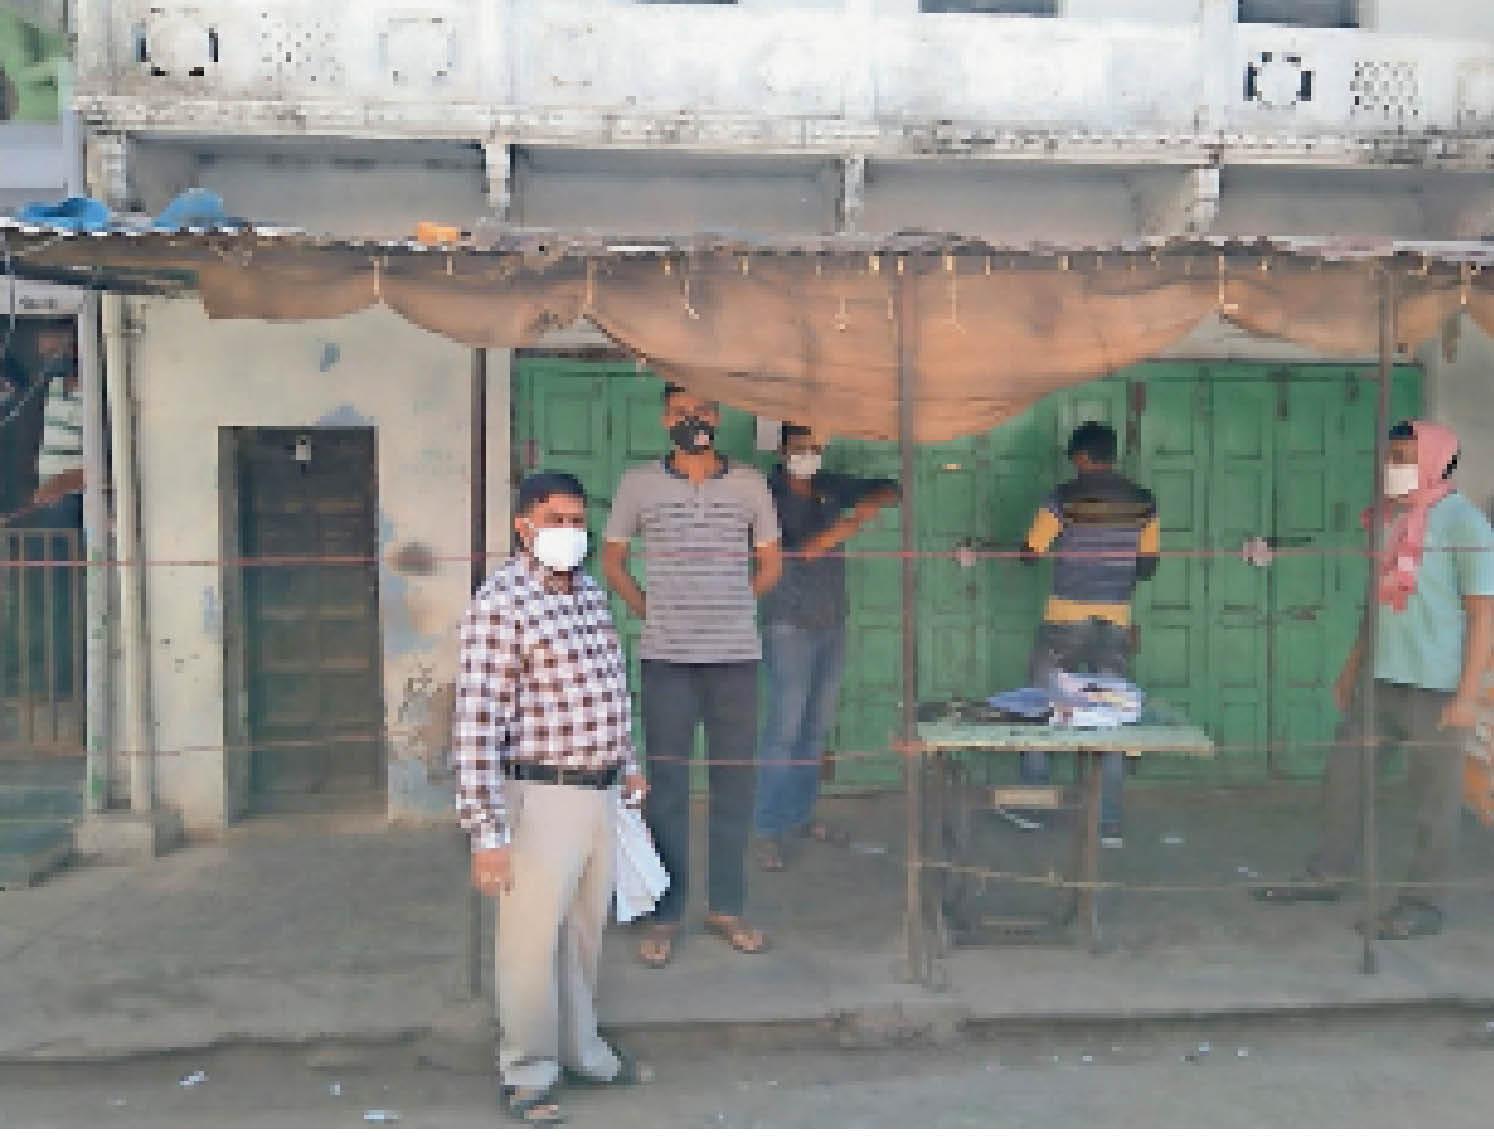 चाेरी छिपे दुकान खोलकर बेच रहे थे सामान|कुंभराज,Kumbraj - Dainik Bhaskar